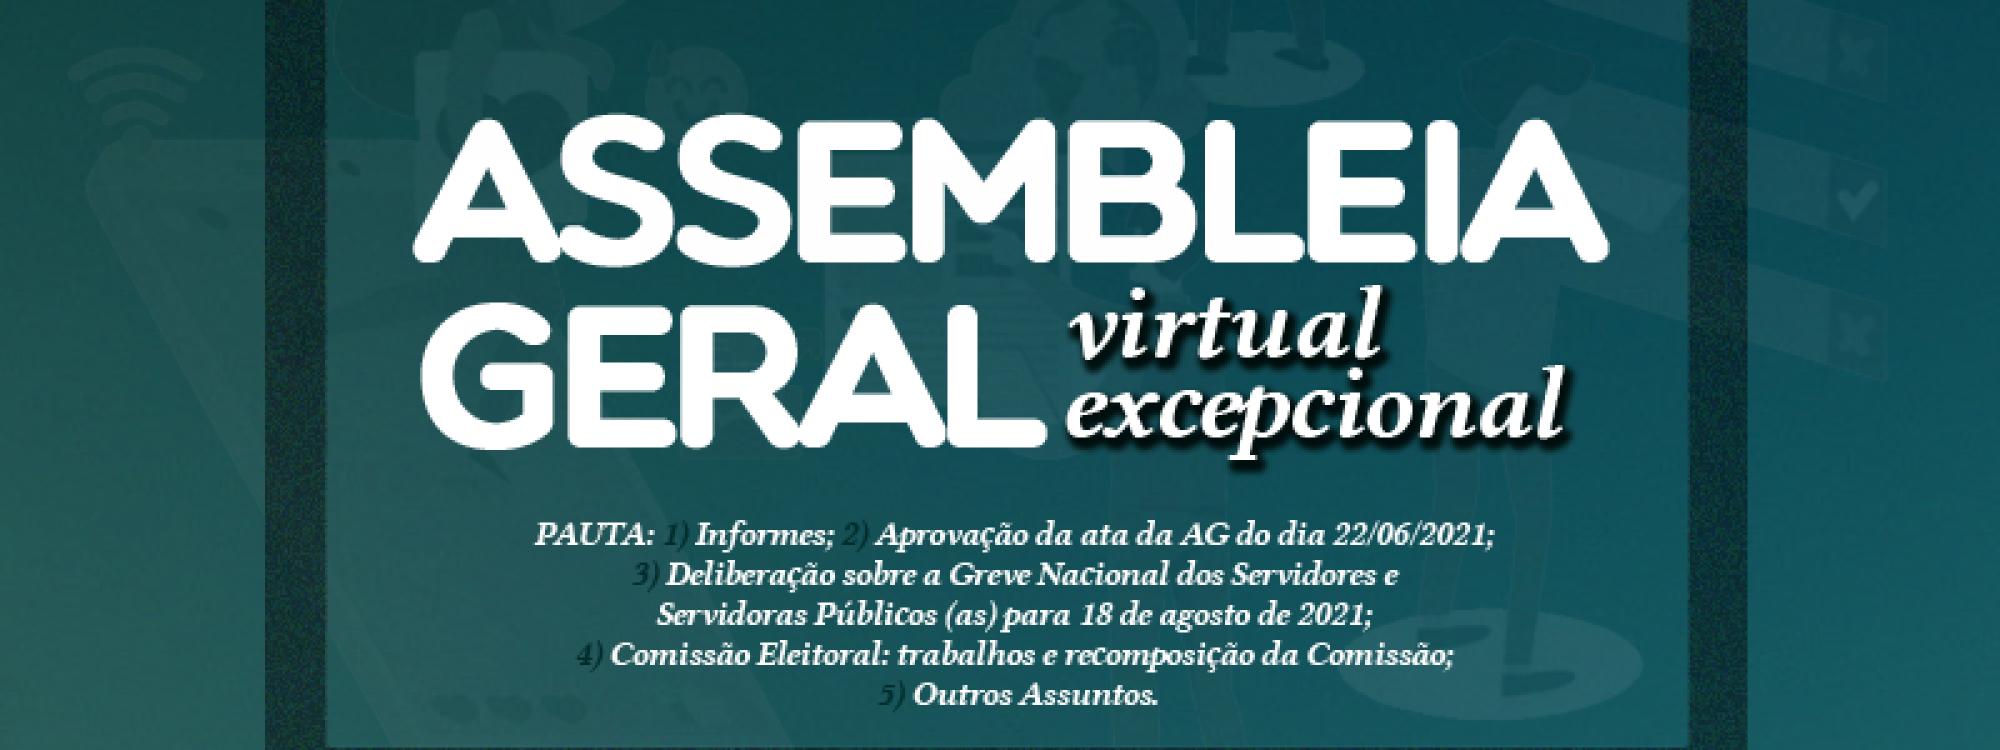 ADUFU convoca filiados/as para Assembleia Geral que ocorre em 12/08/2021